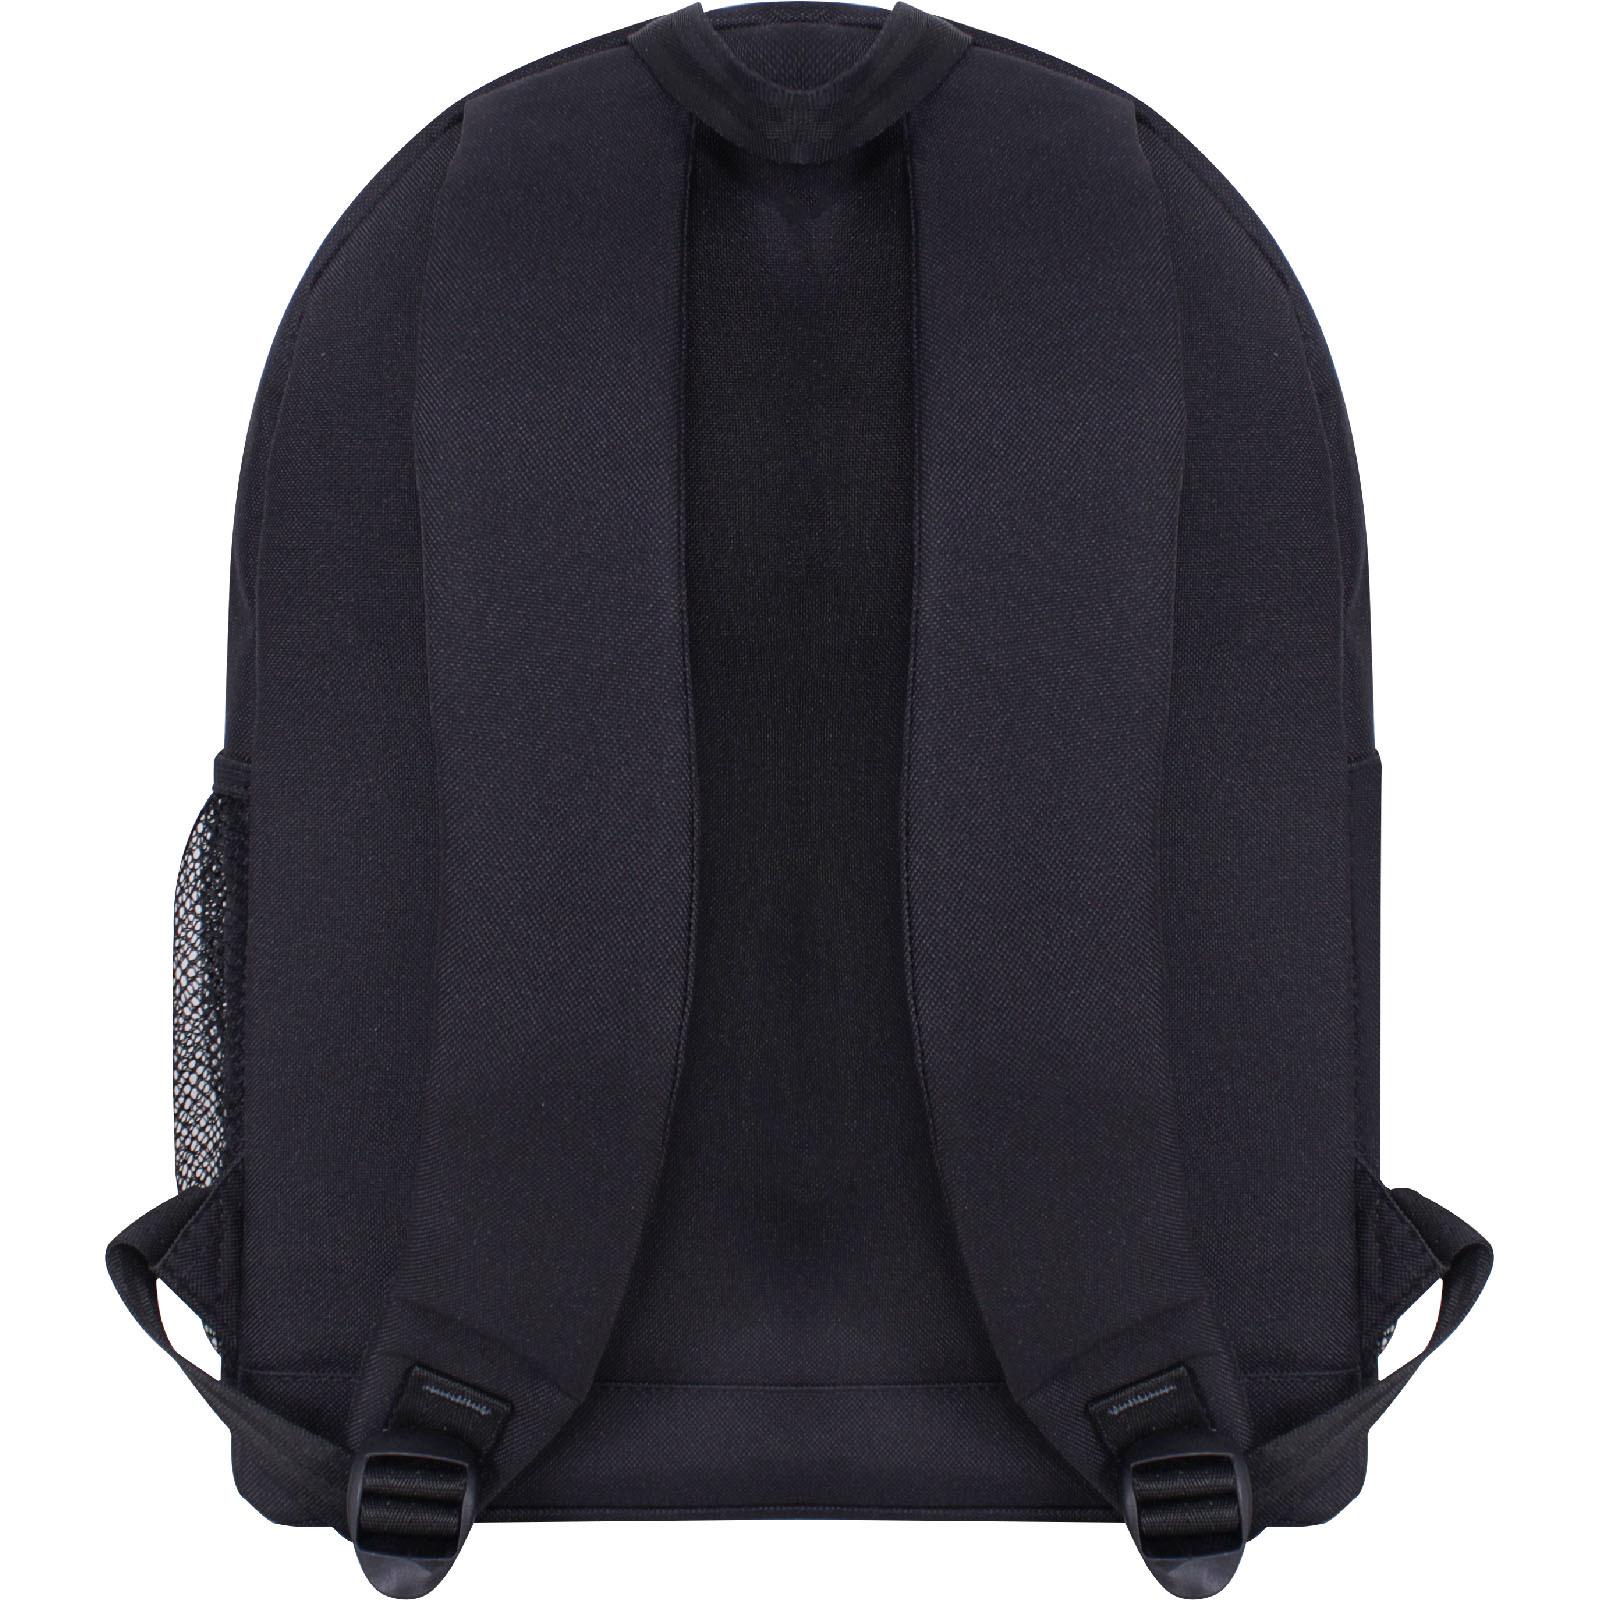 Рюкзак Bagland Молодежный W/R 17 л. черный 853 (00533662)